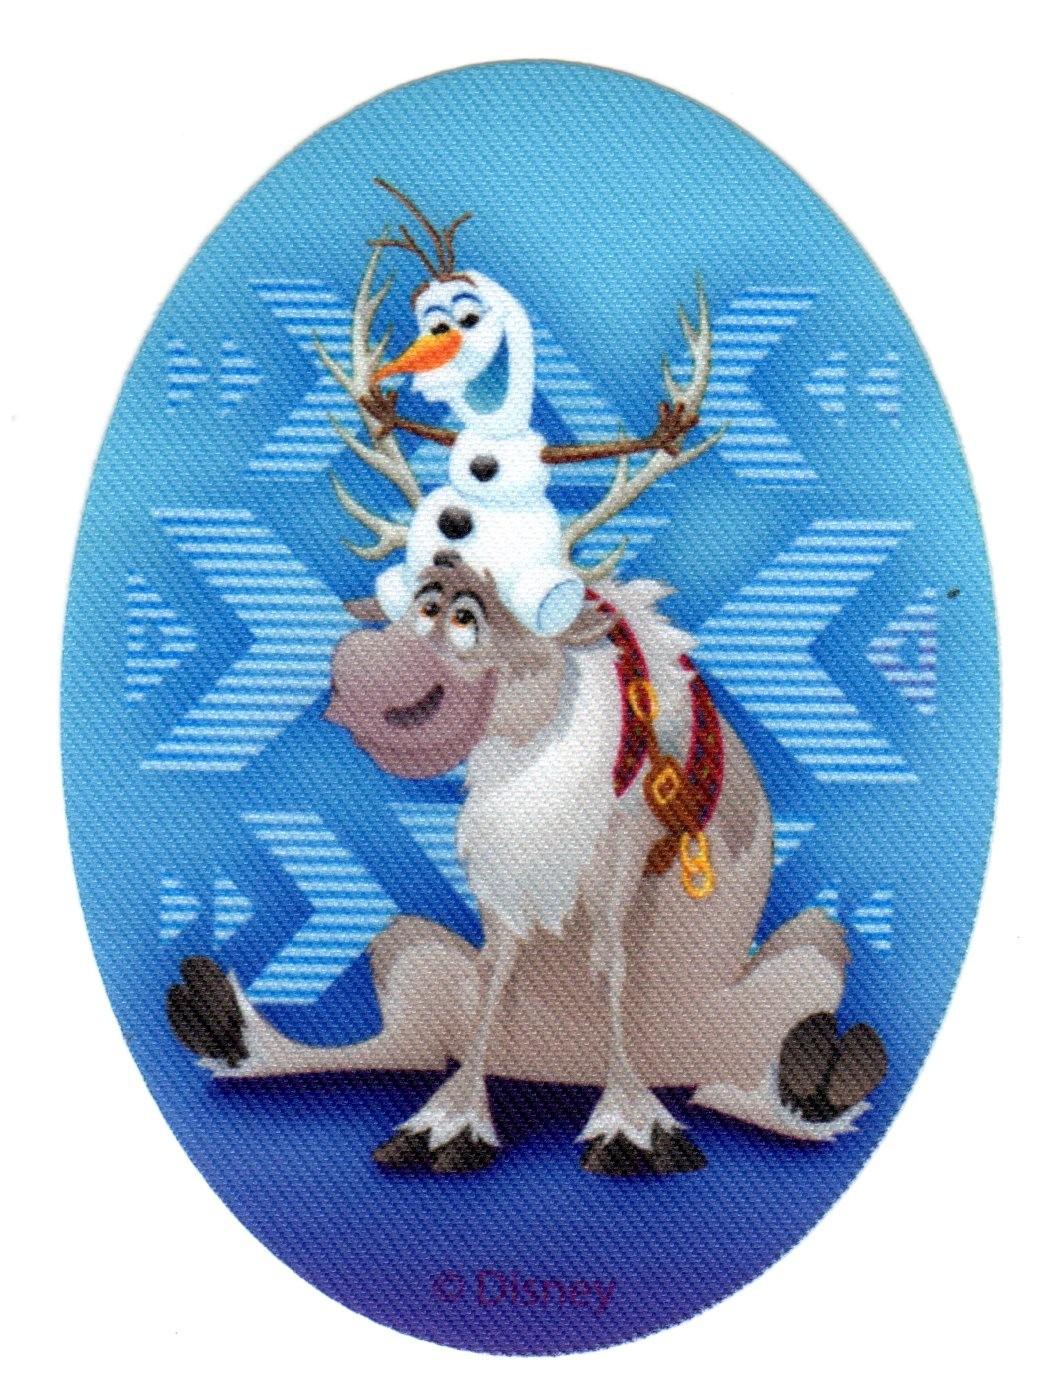 Ecusson Thermocollant La Reine Des Neiges Frozen Olaf Et Sven 8 X 11 Cm